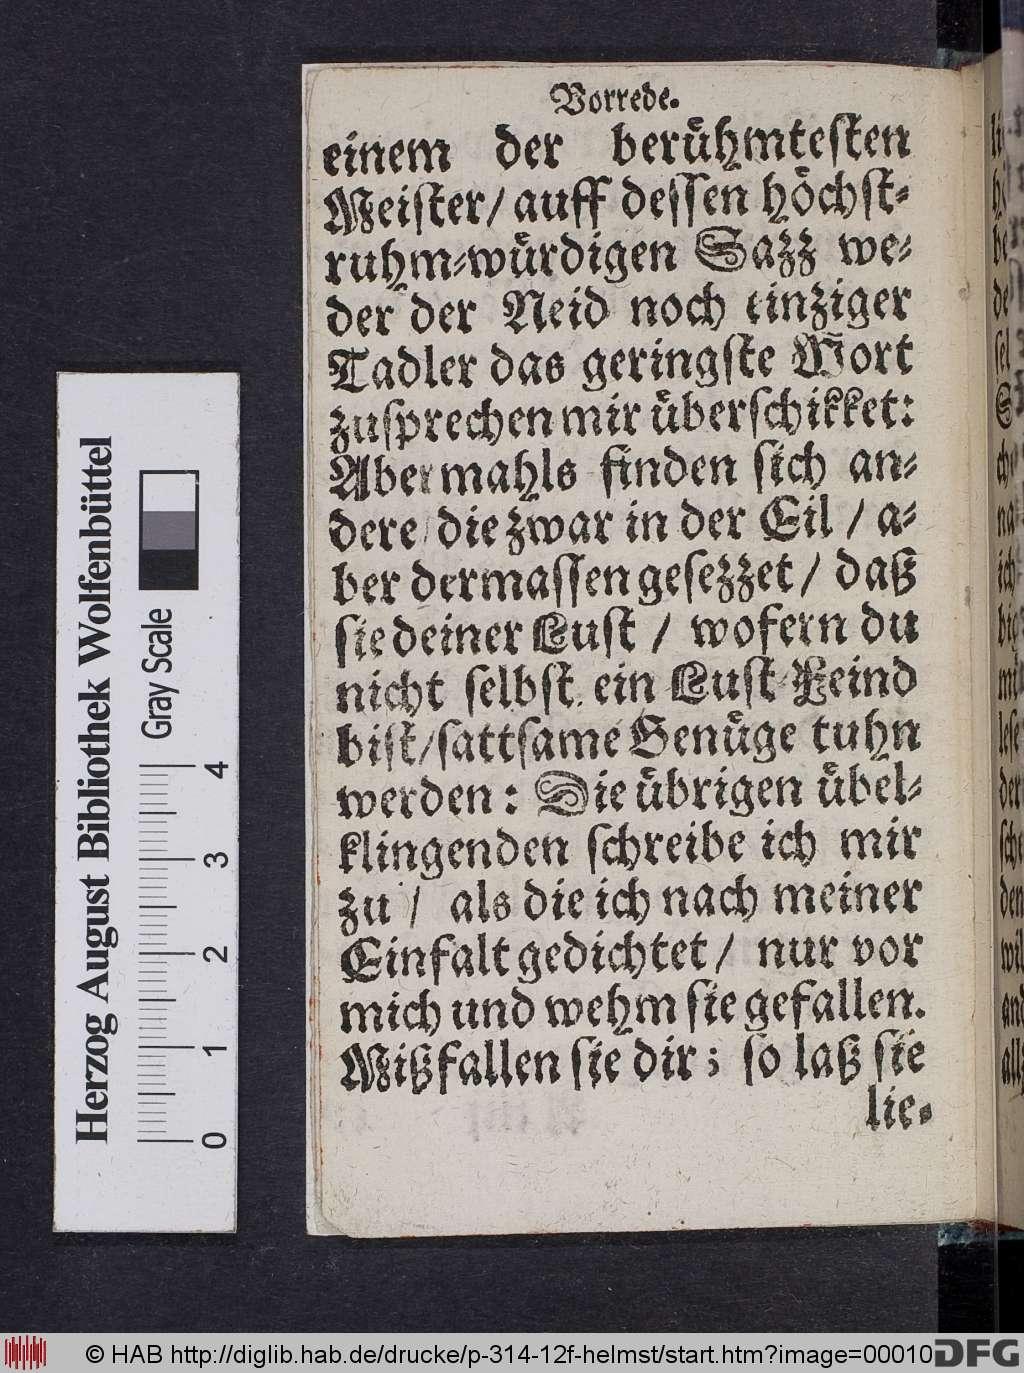 http://diglib.hab.de/drucke/p-314-12f-helmst/00010.jpg